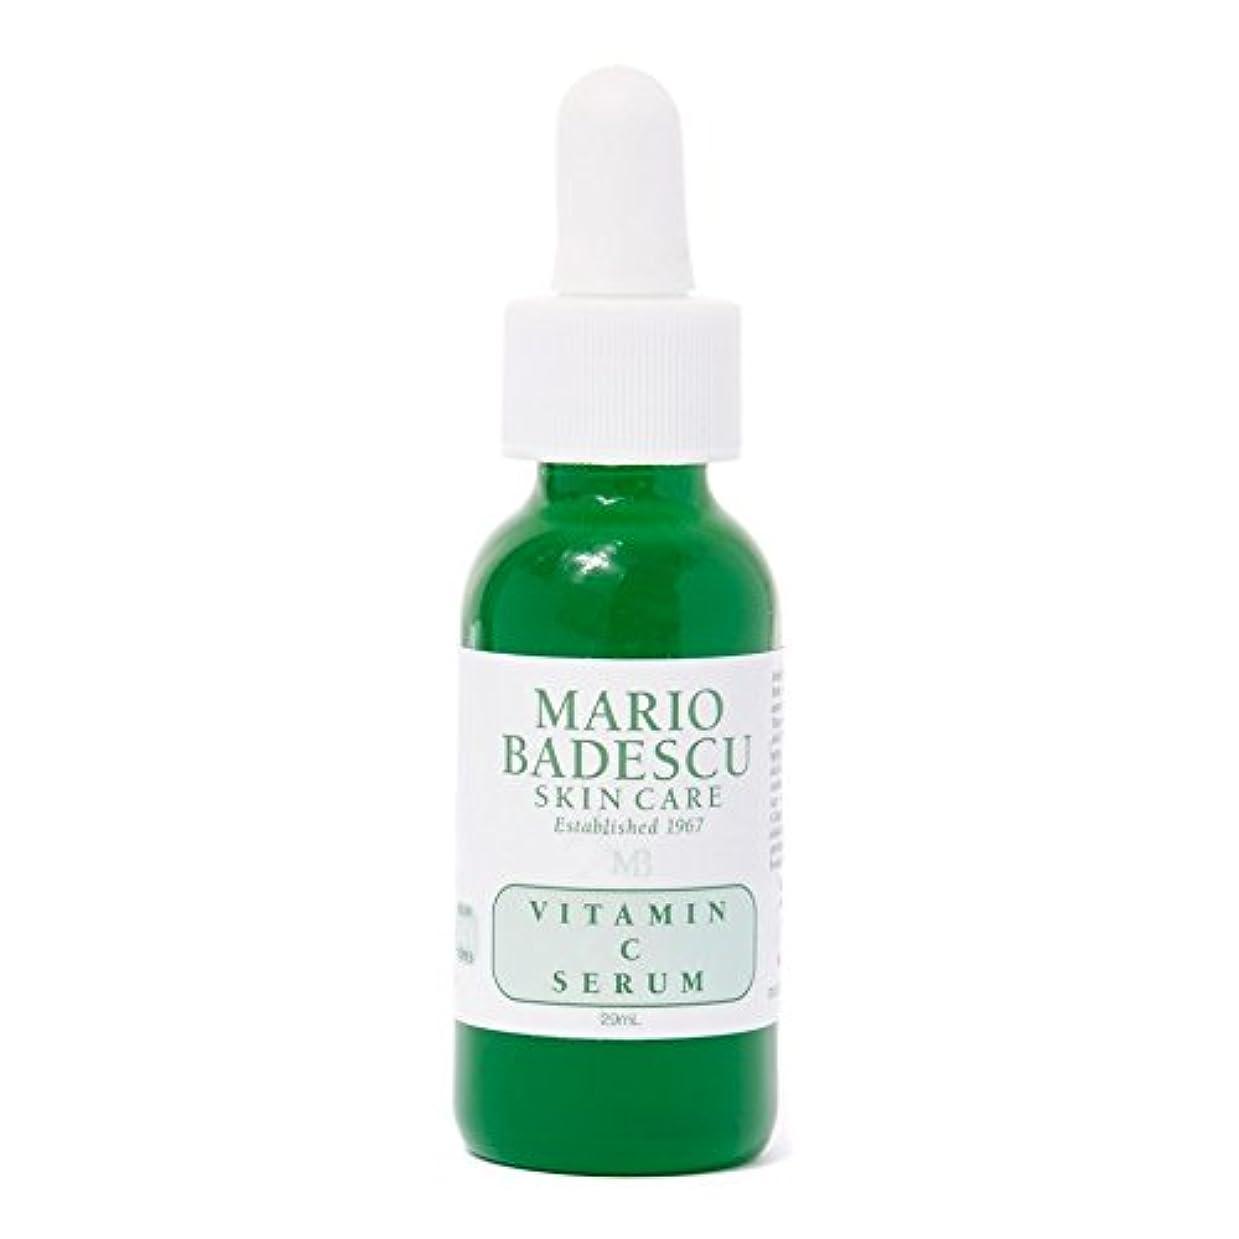 専門化する熟達実験Mario Badescu Vitamin C Serum 29ml (Pack of 6) - マリオ?バデスキュービタミンの血清29ミリリットル x6 [並行輸入品]